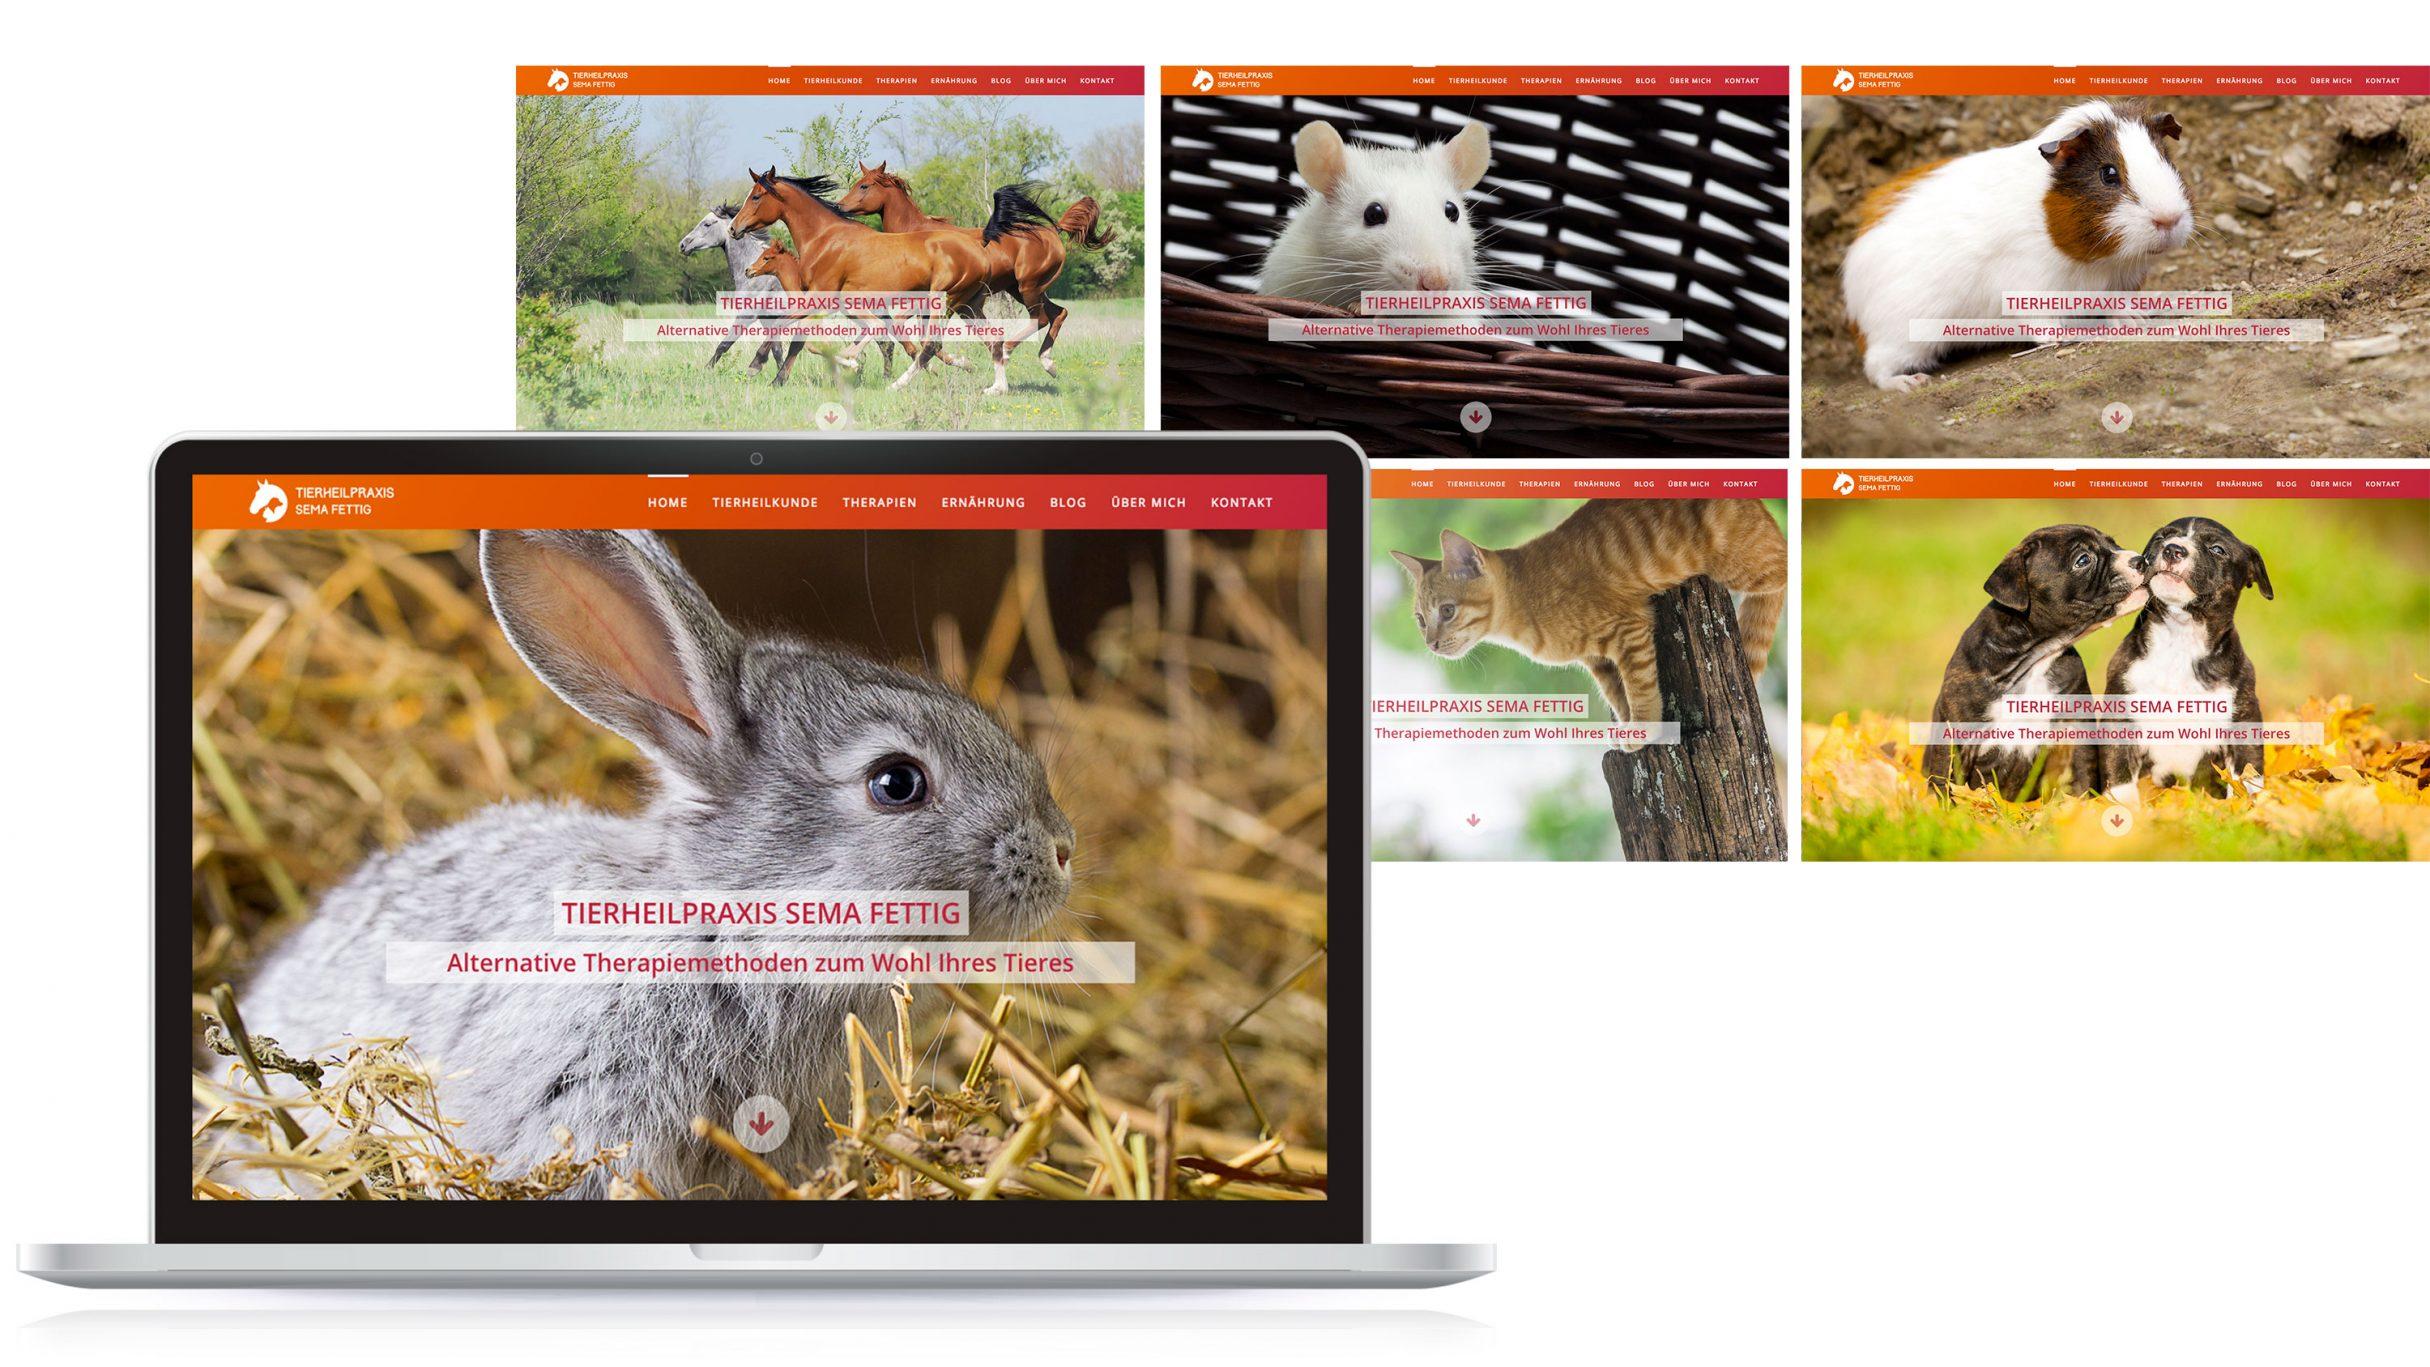 Webdesign, Startseite für Tierheilpraxis Sema Fettig: DIE NEUDENKER® Agentur, Darmstadt